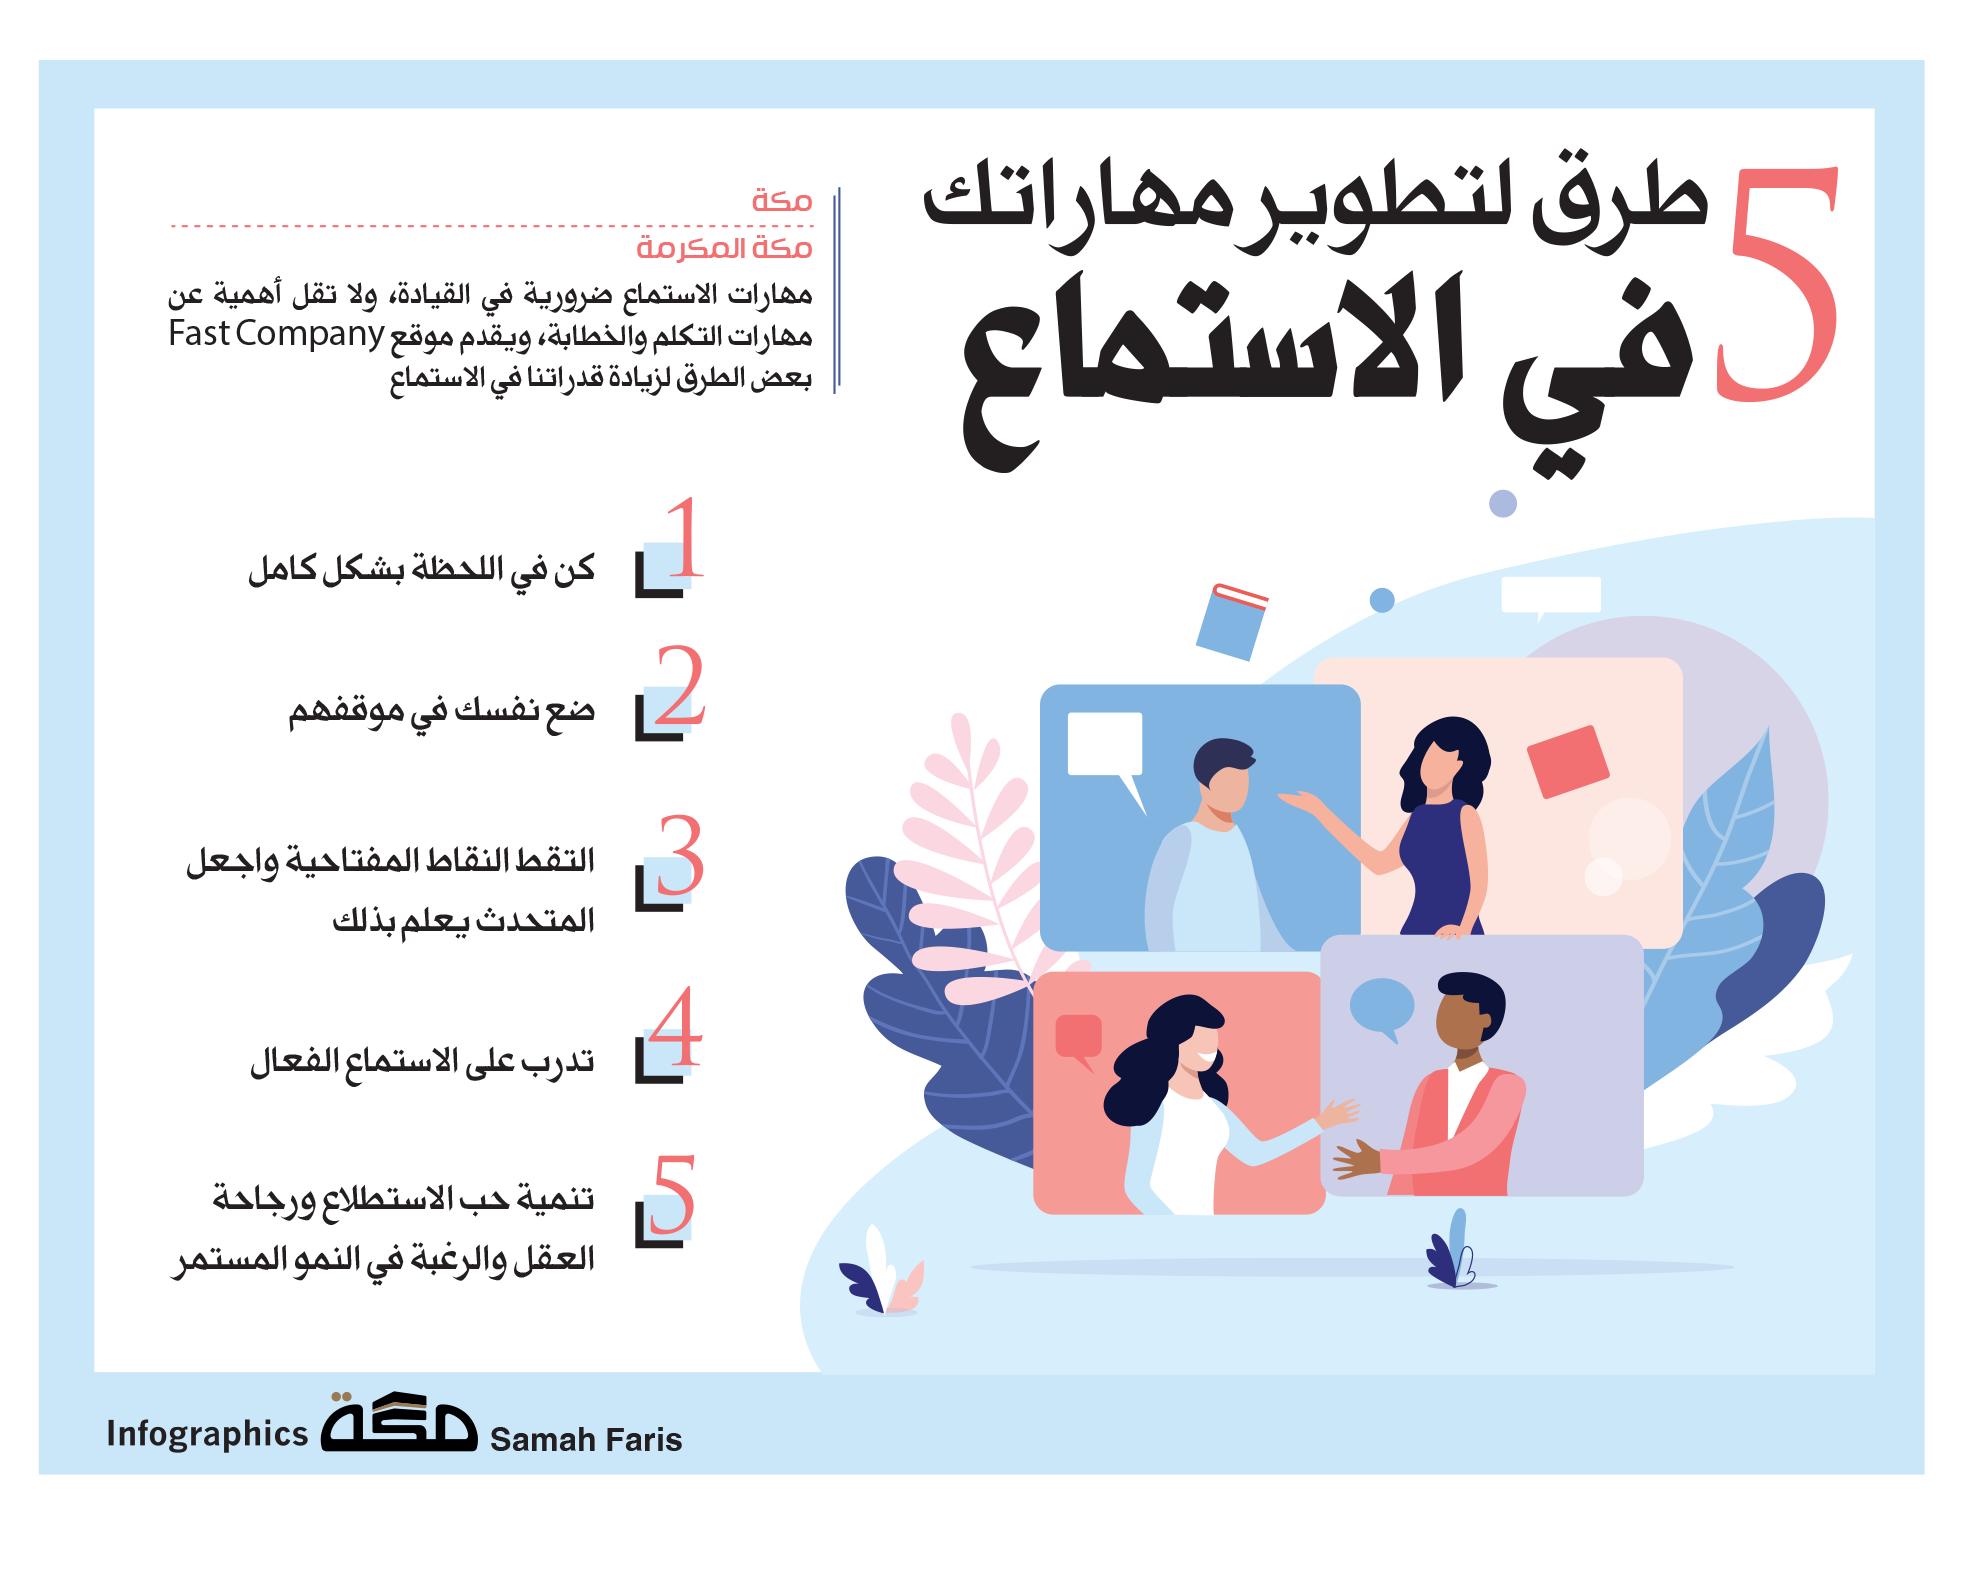 5 طرق لتطوير مهاراتك في الاستماع تطوير الذات انفوجرافيك صحيفة مكة Digital Marketing Tools Words Digital Marketing